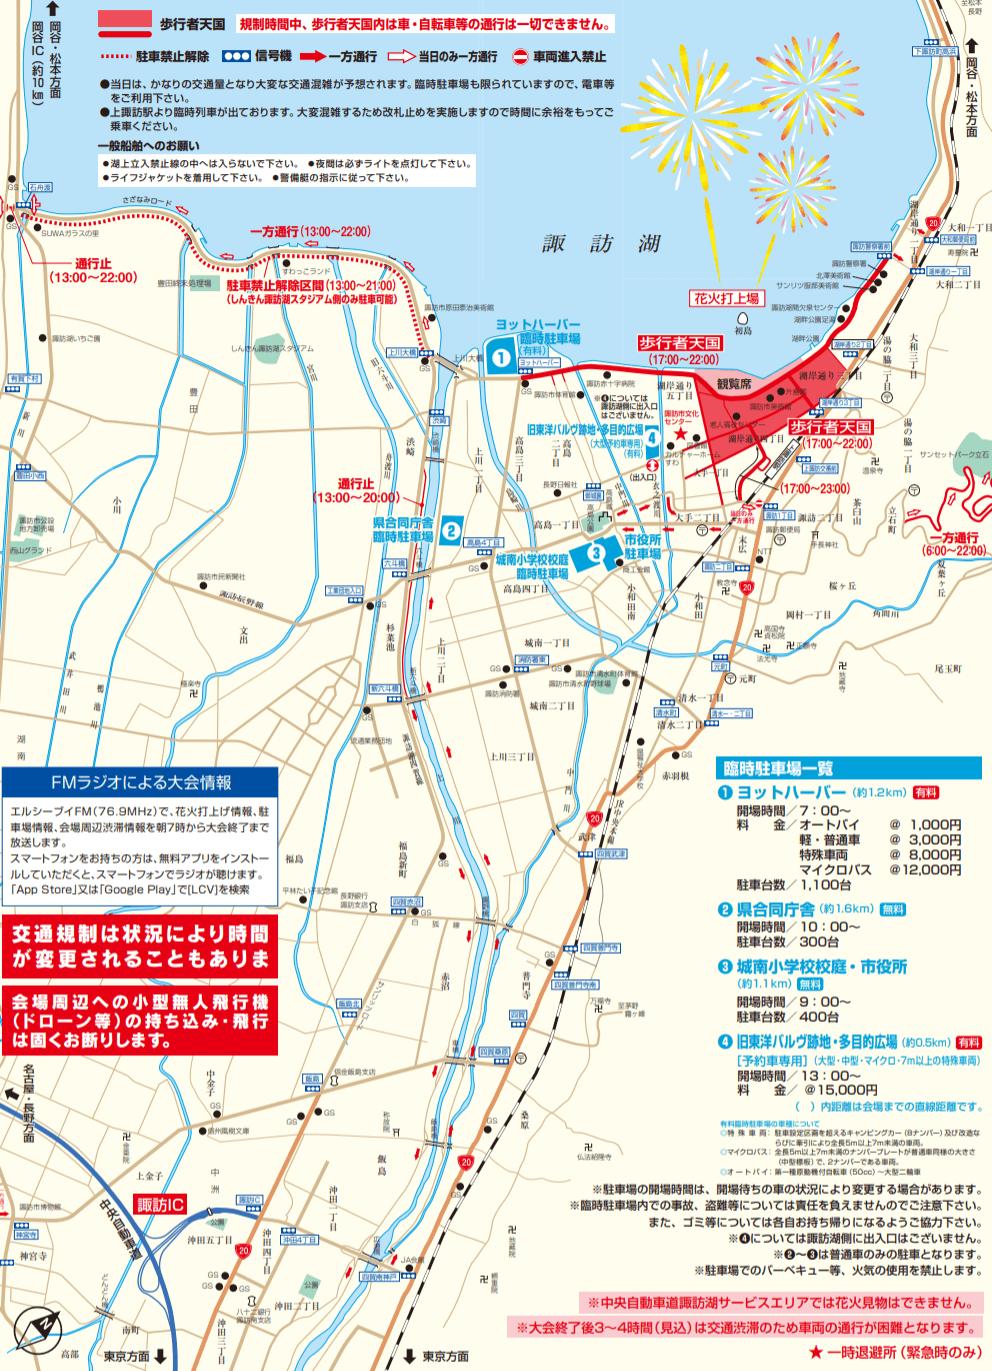 全国新作花火競技大会 交通規制 駐車場 地図